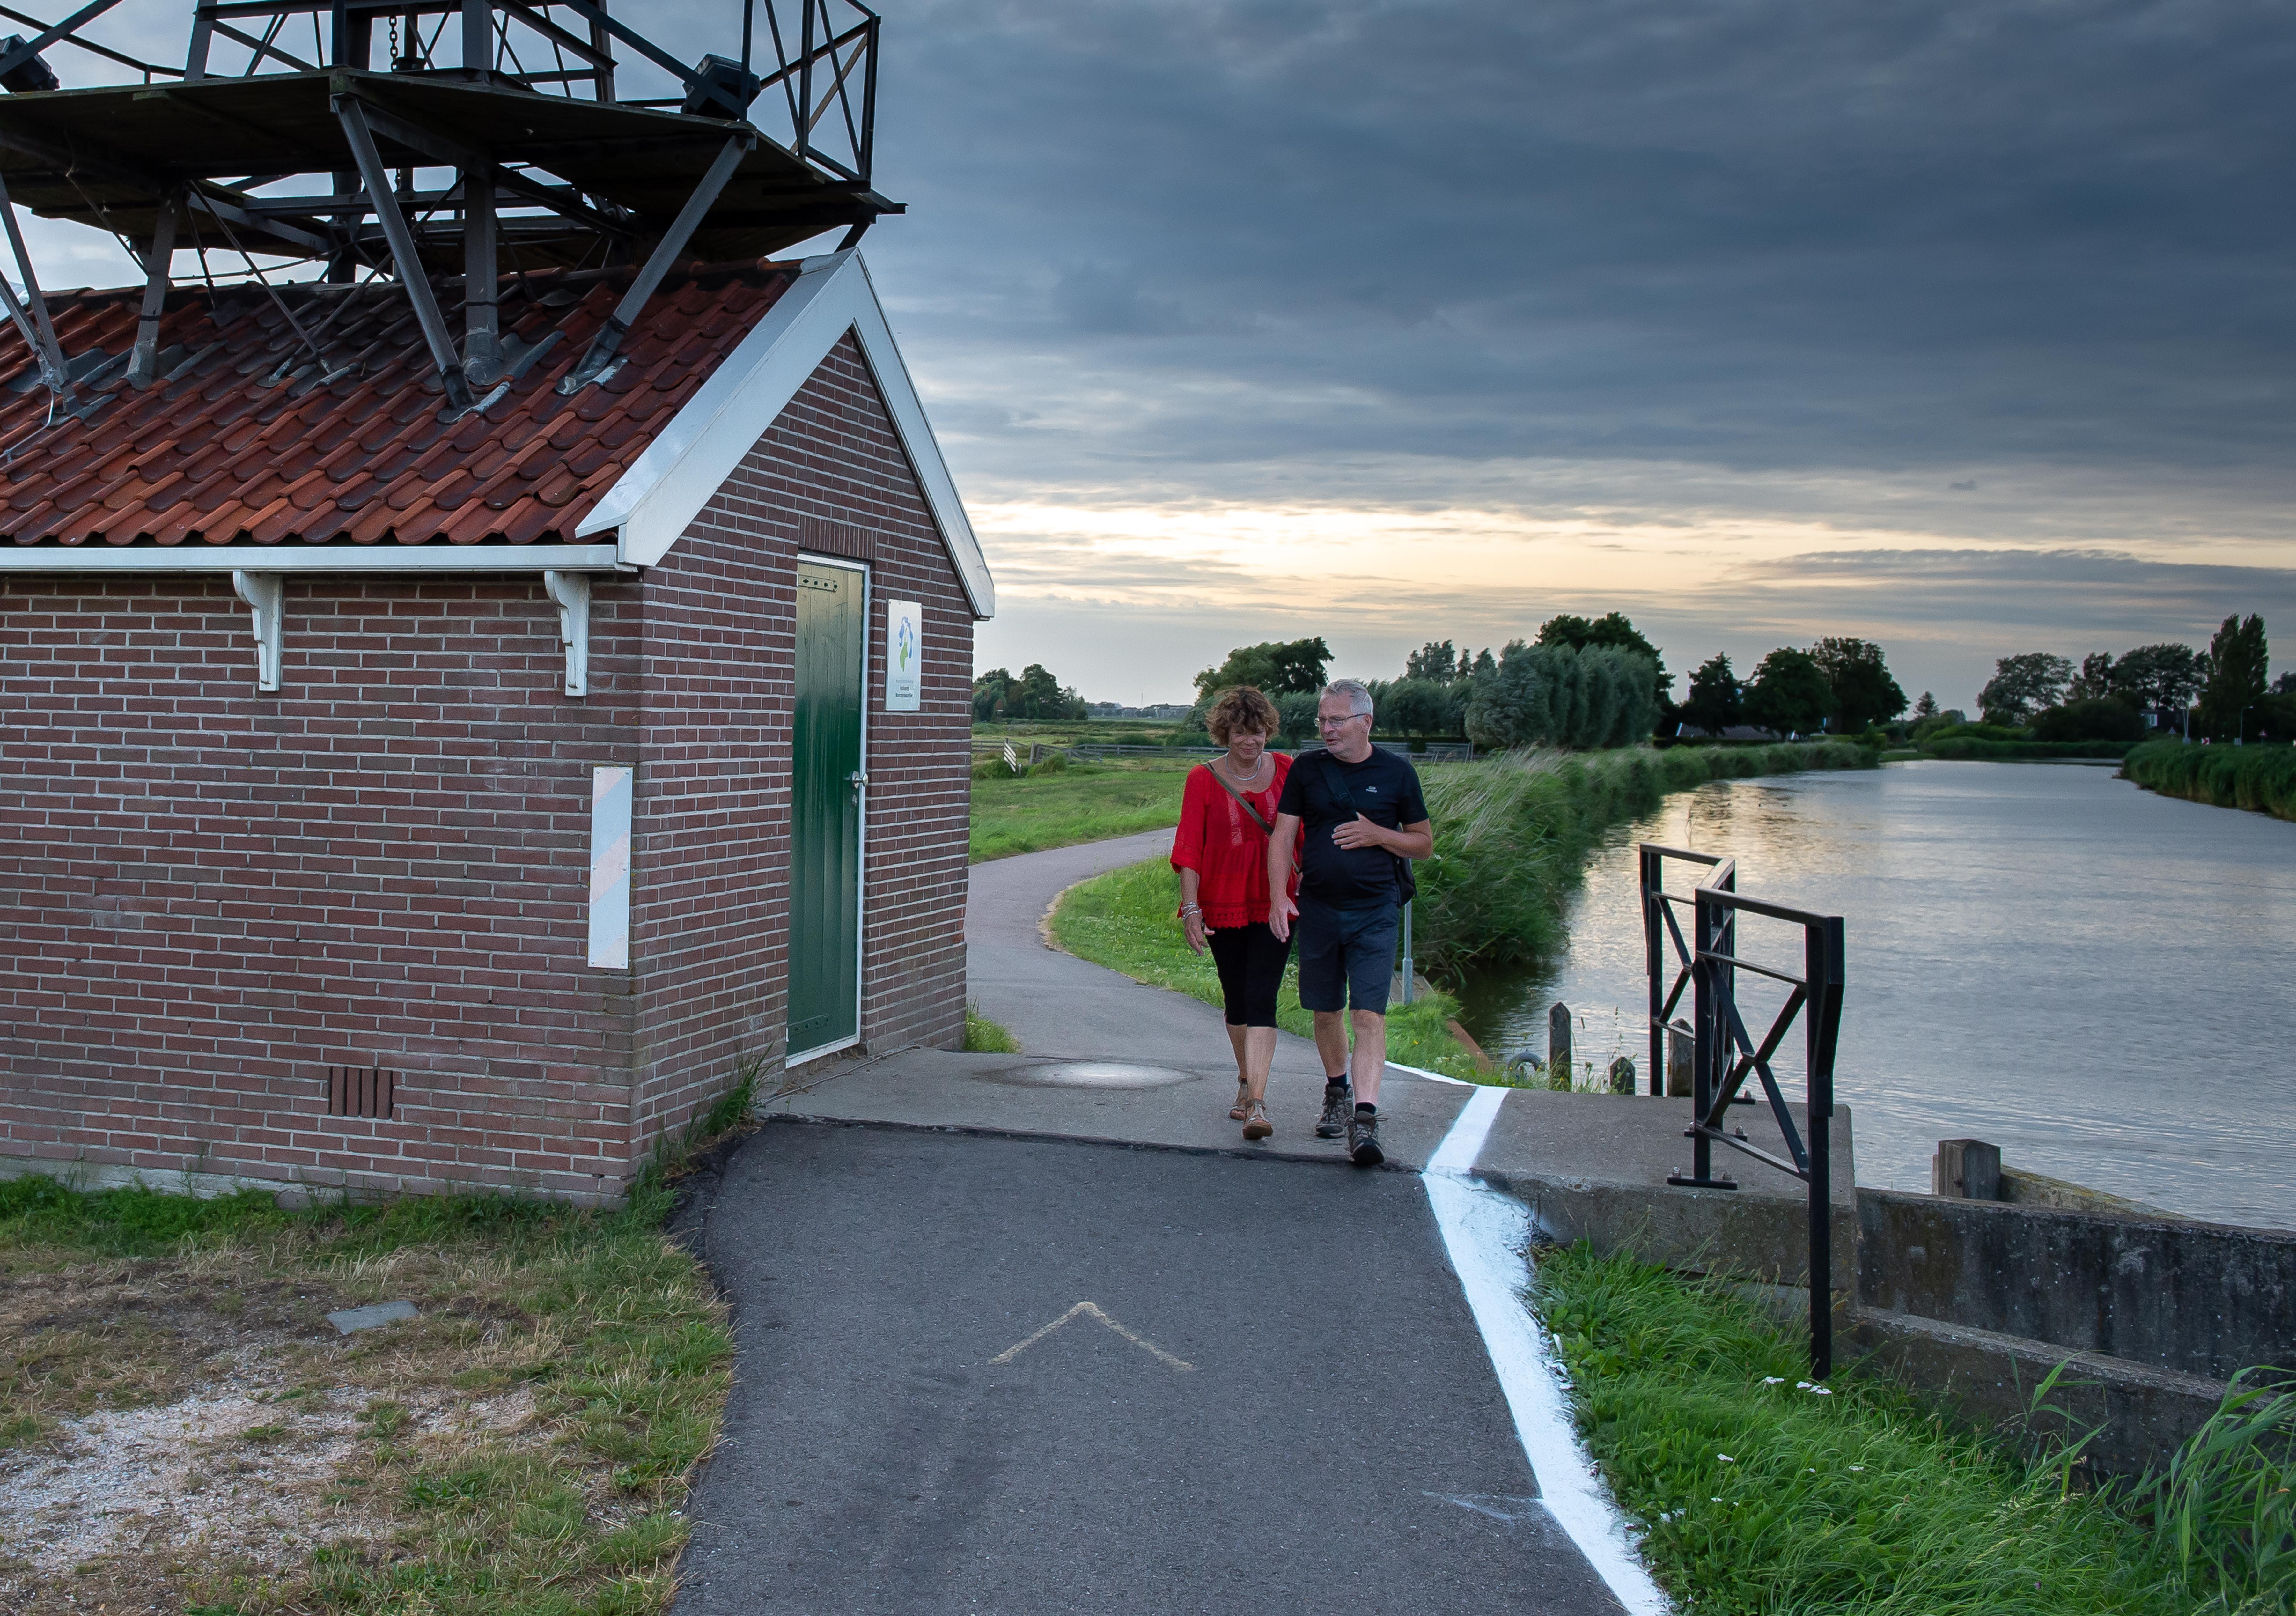 Witte streep als veiligheidsmaatregel na incidenten met scootmobiel en driewieler in Wormerringvaart; slachtoffer mijdt voortaan brug